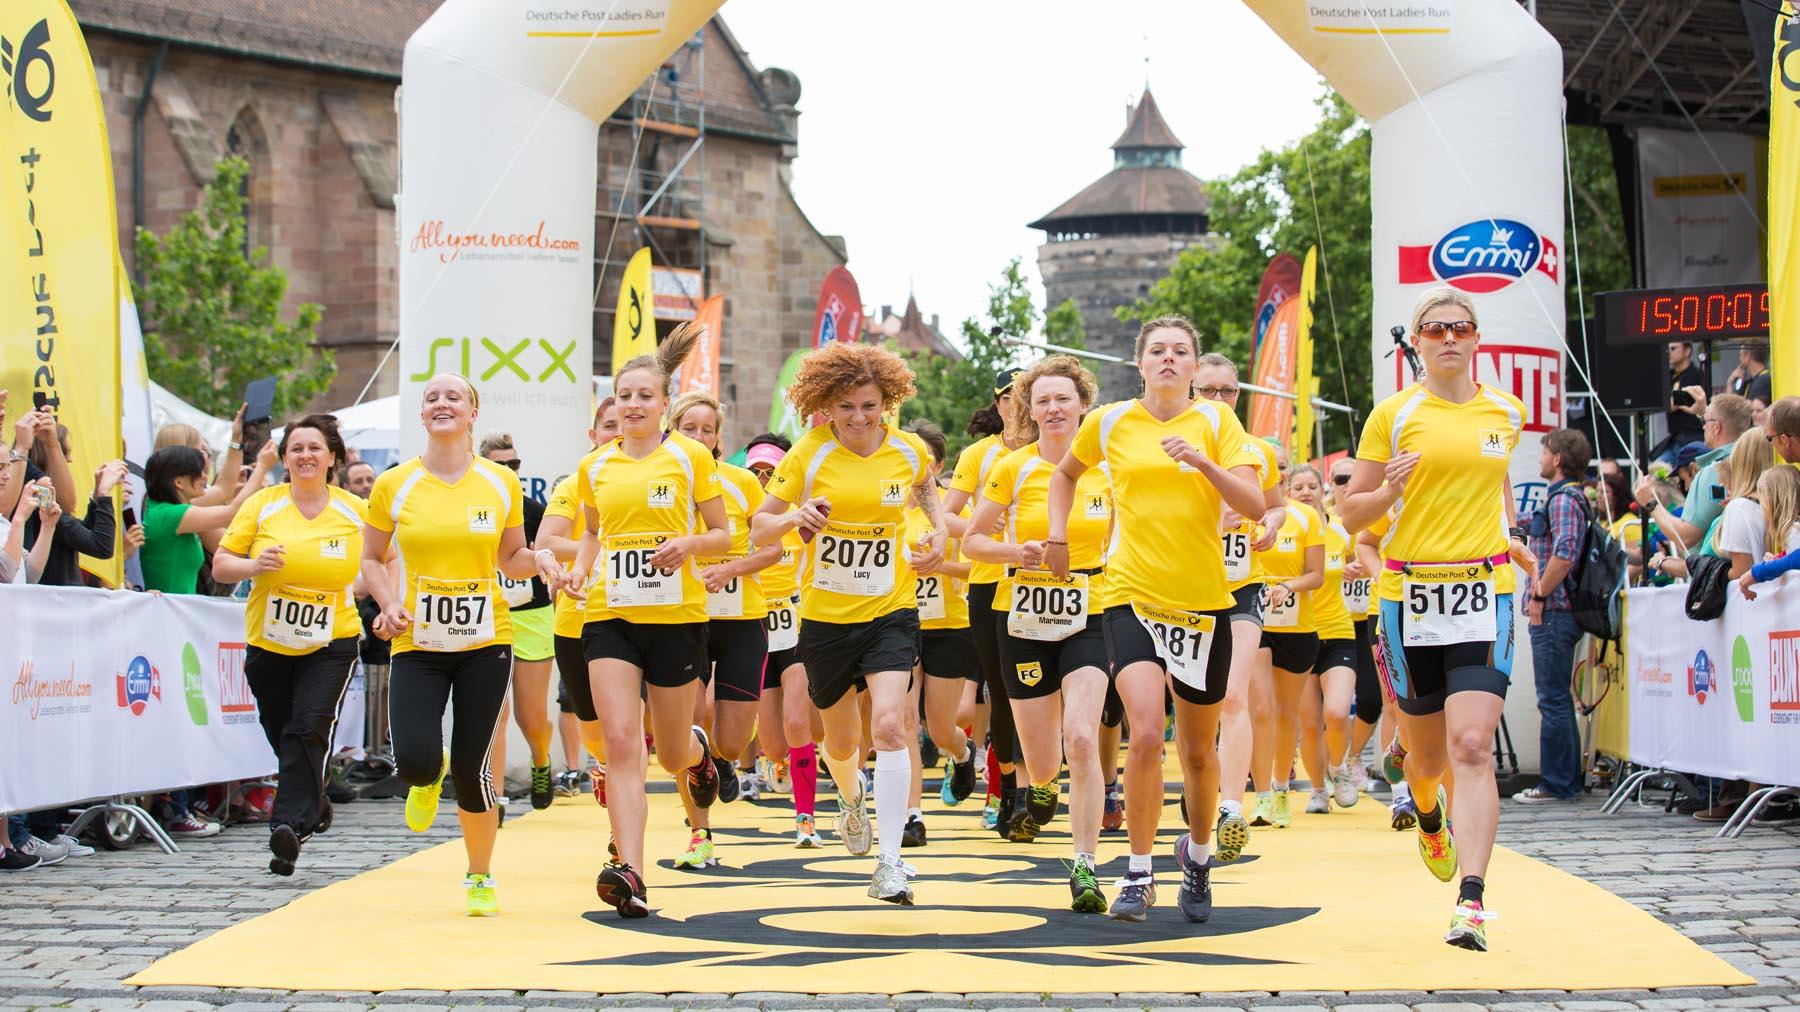 Die Bilder vom Deutsche Post Ladies-Run in Nürnberg